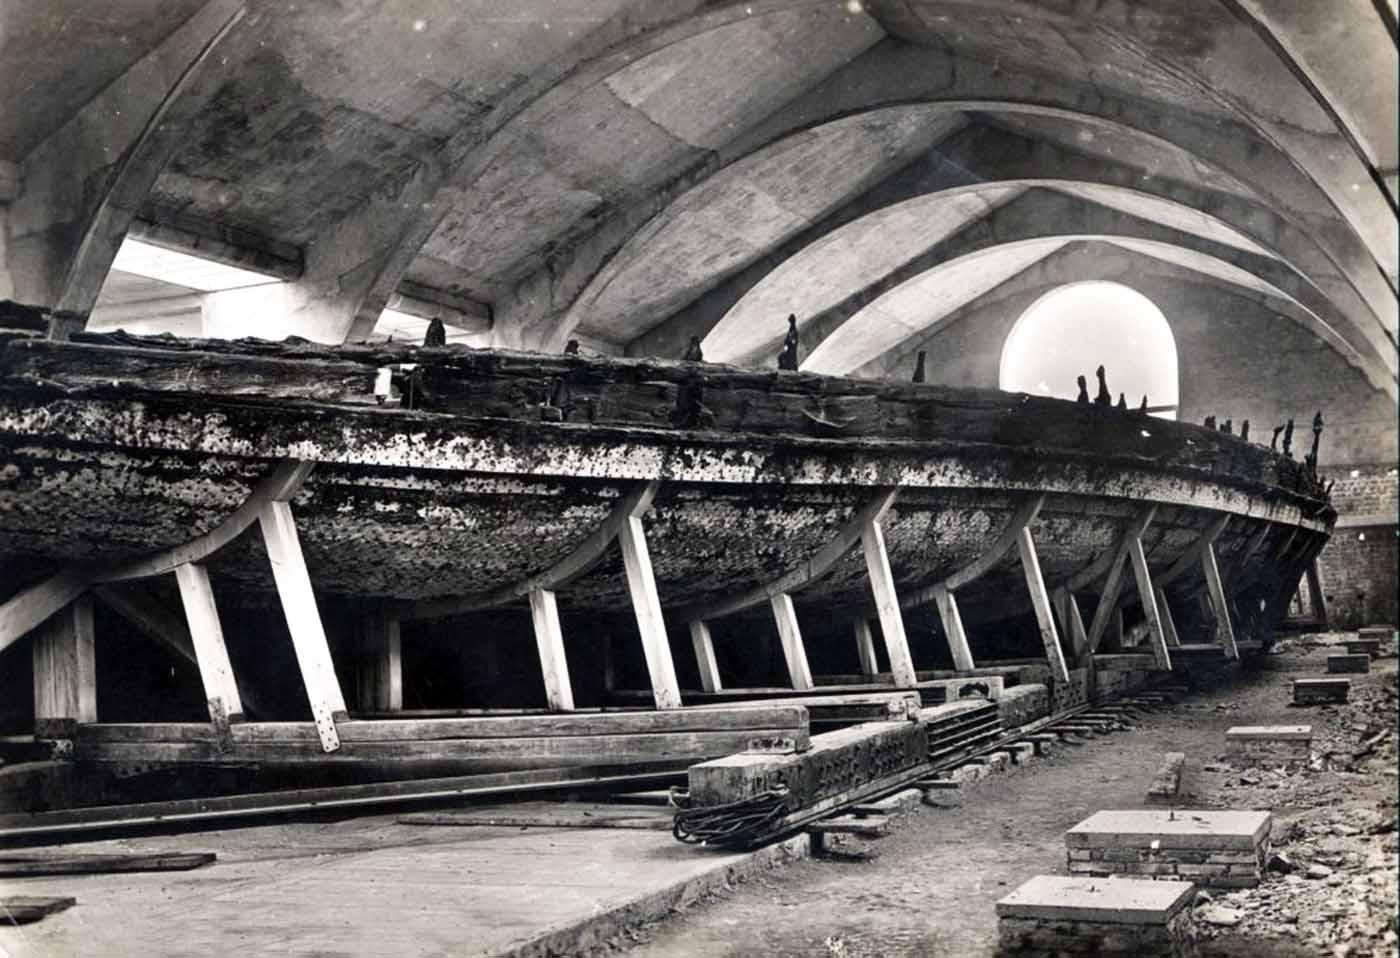 Les italiens de visualisation antique Empereur Caligula de navires de Nemi, 1932